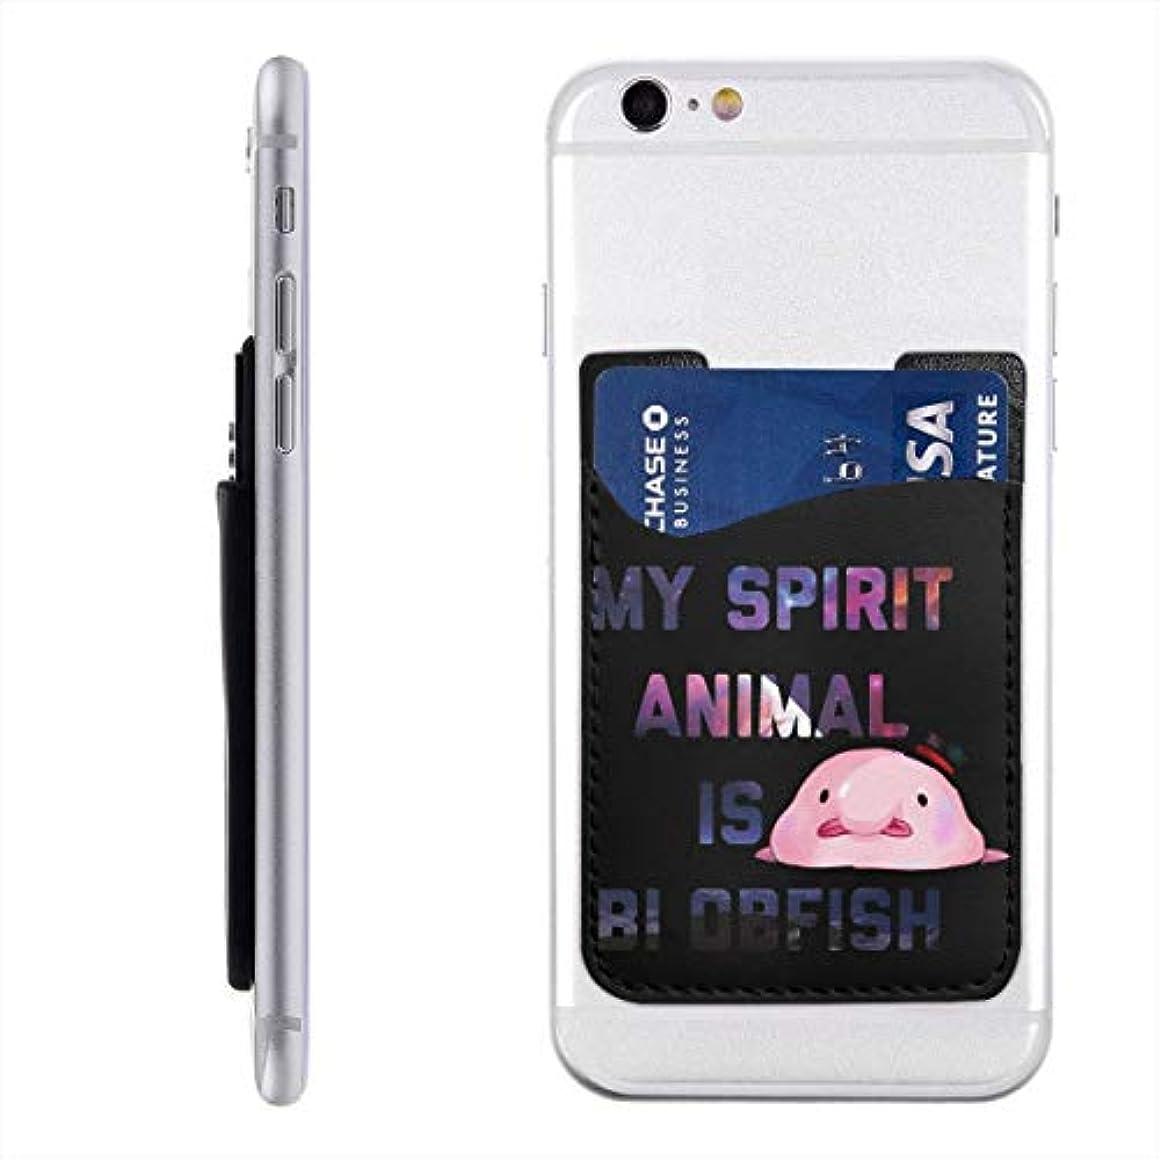 情熱的ゴルフ硬いPU スマホ カードケース 貼り付け My Spirit Animal Is Bi Obfish 私の精神の動物は双胴魚です ステッカーポケット カード収納 大容量 軽量 持ち運びが簡単 全機種対応 6.2X9CM